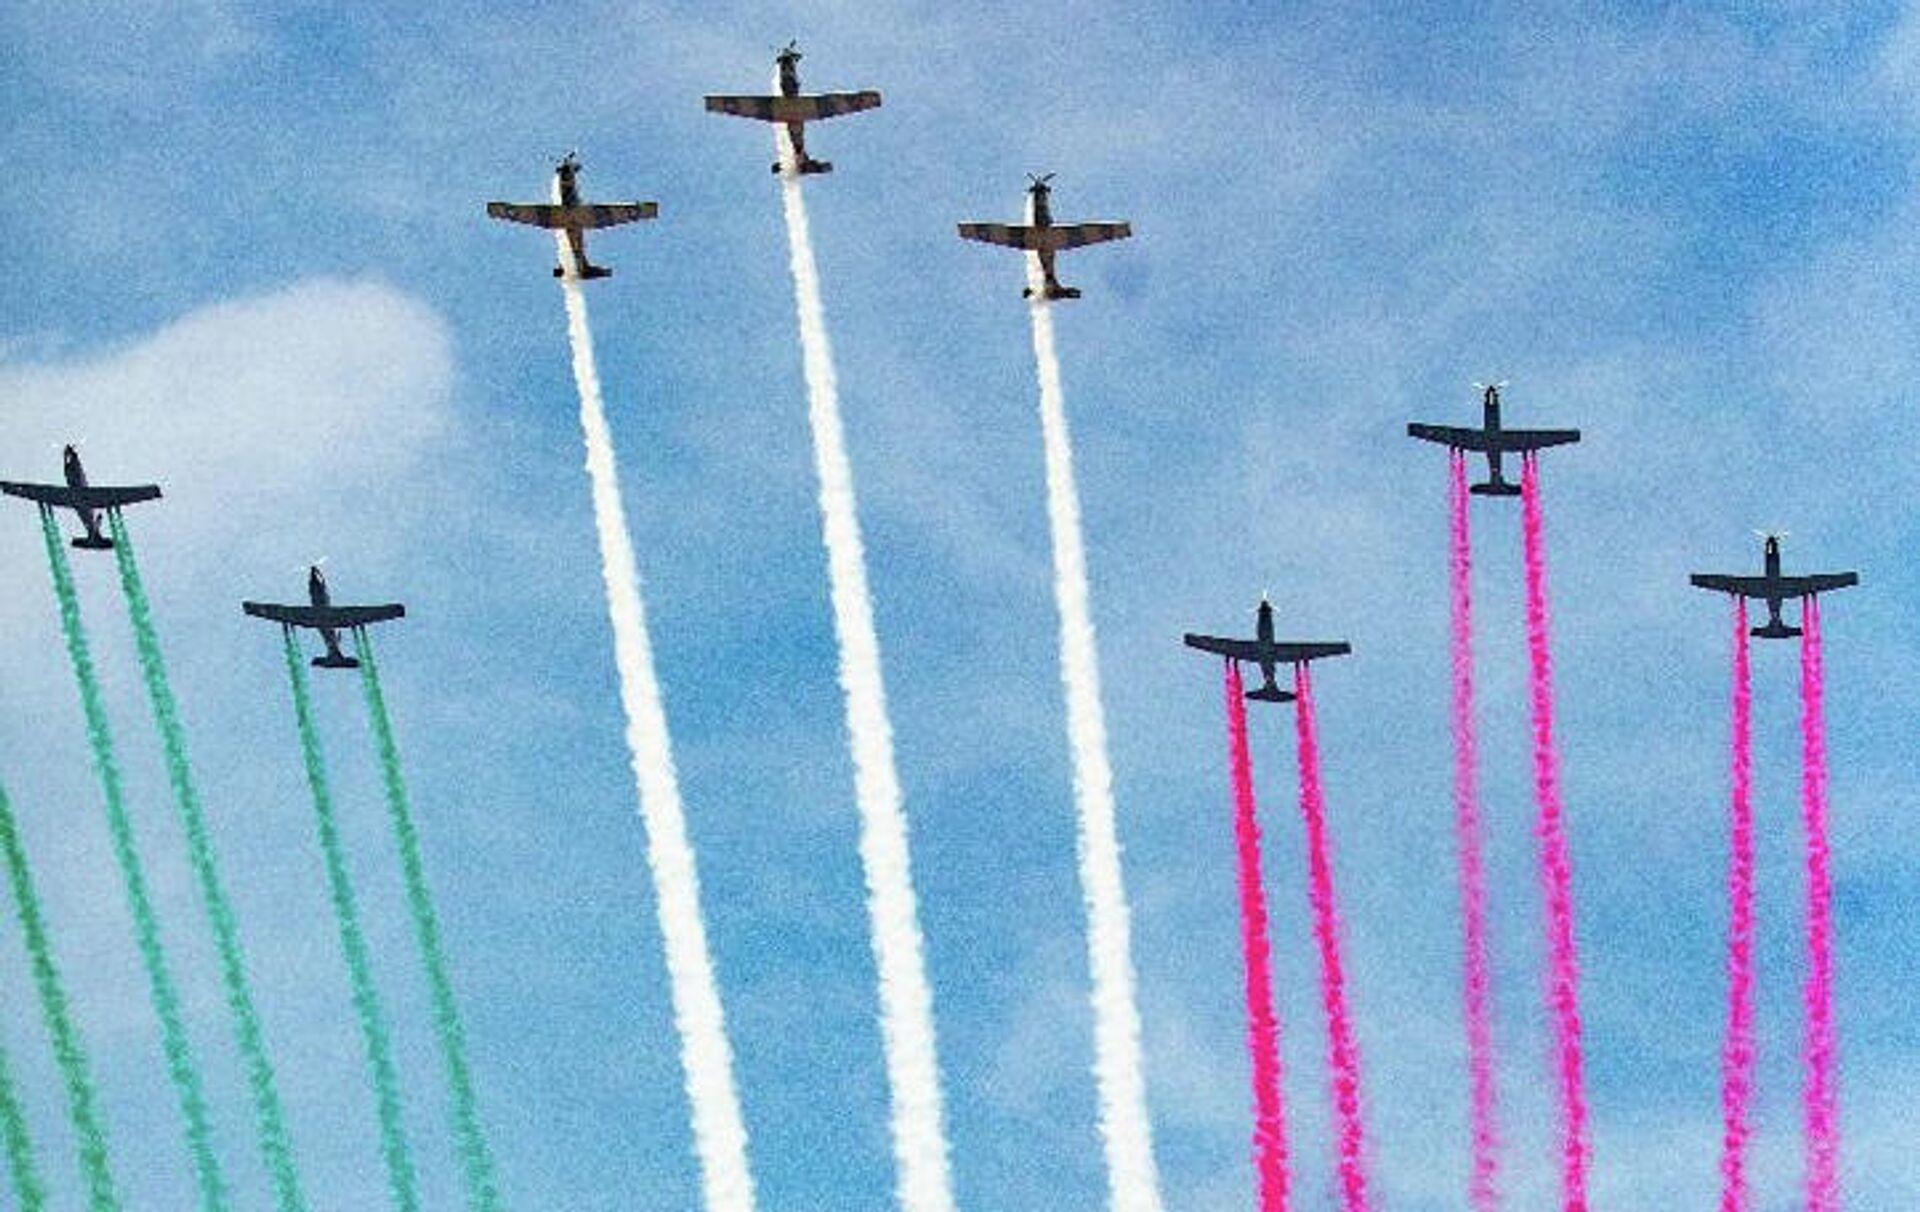 Aviones militares pintaron en el cielo la bandera de México - Sputnik Mundo, 1920, 16.09.2021